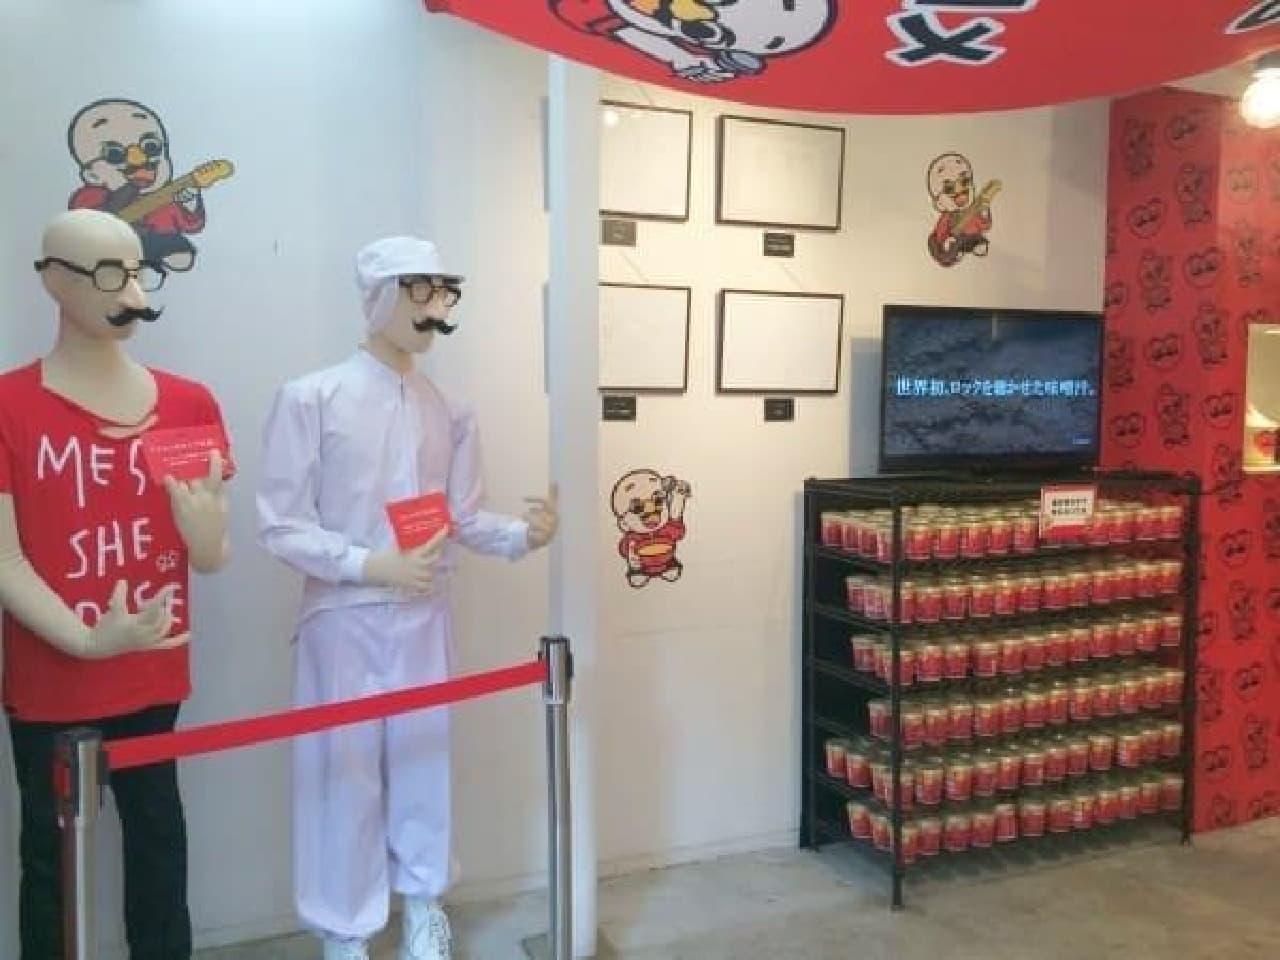 グッズ販売や、味噌汁's メンバーが着用した衣装などの展示も